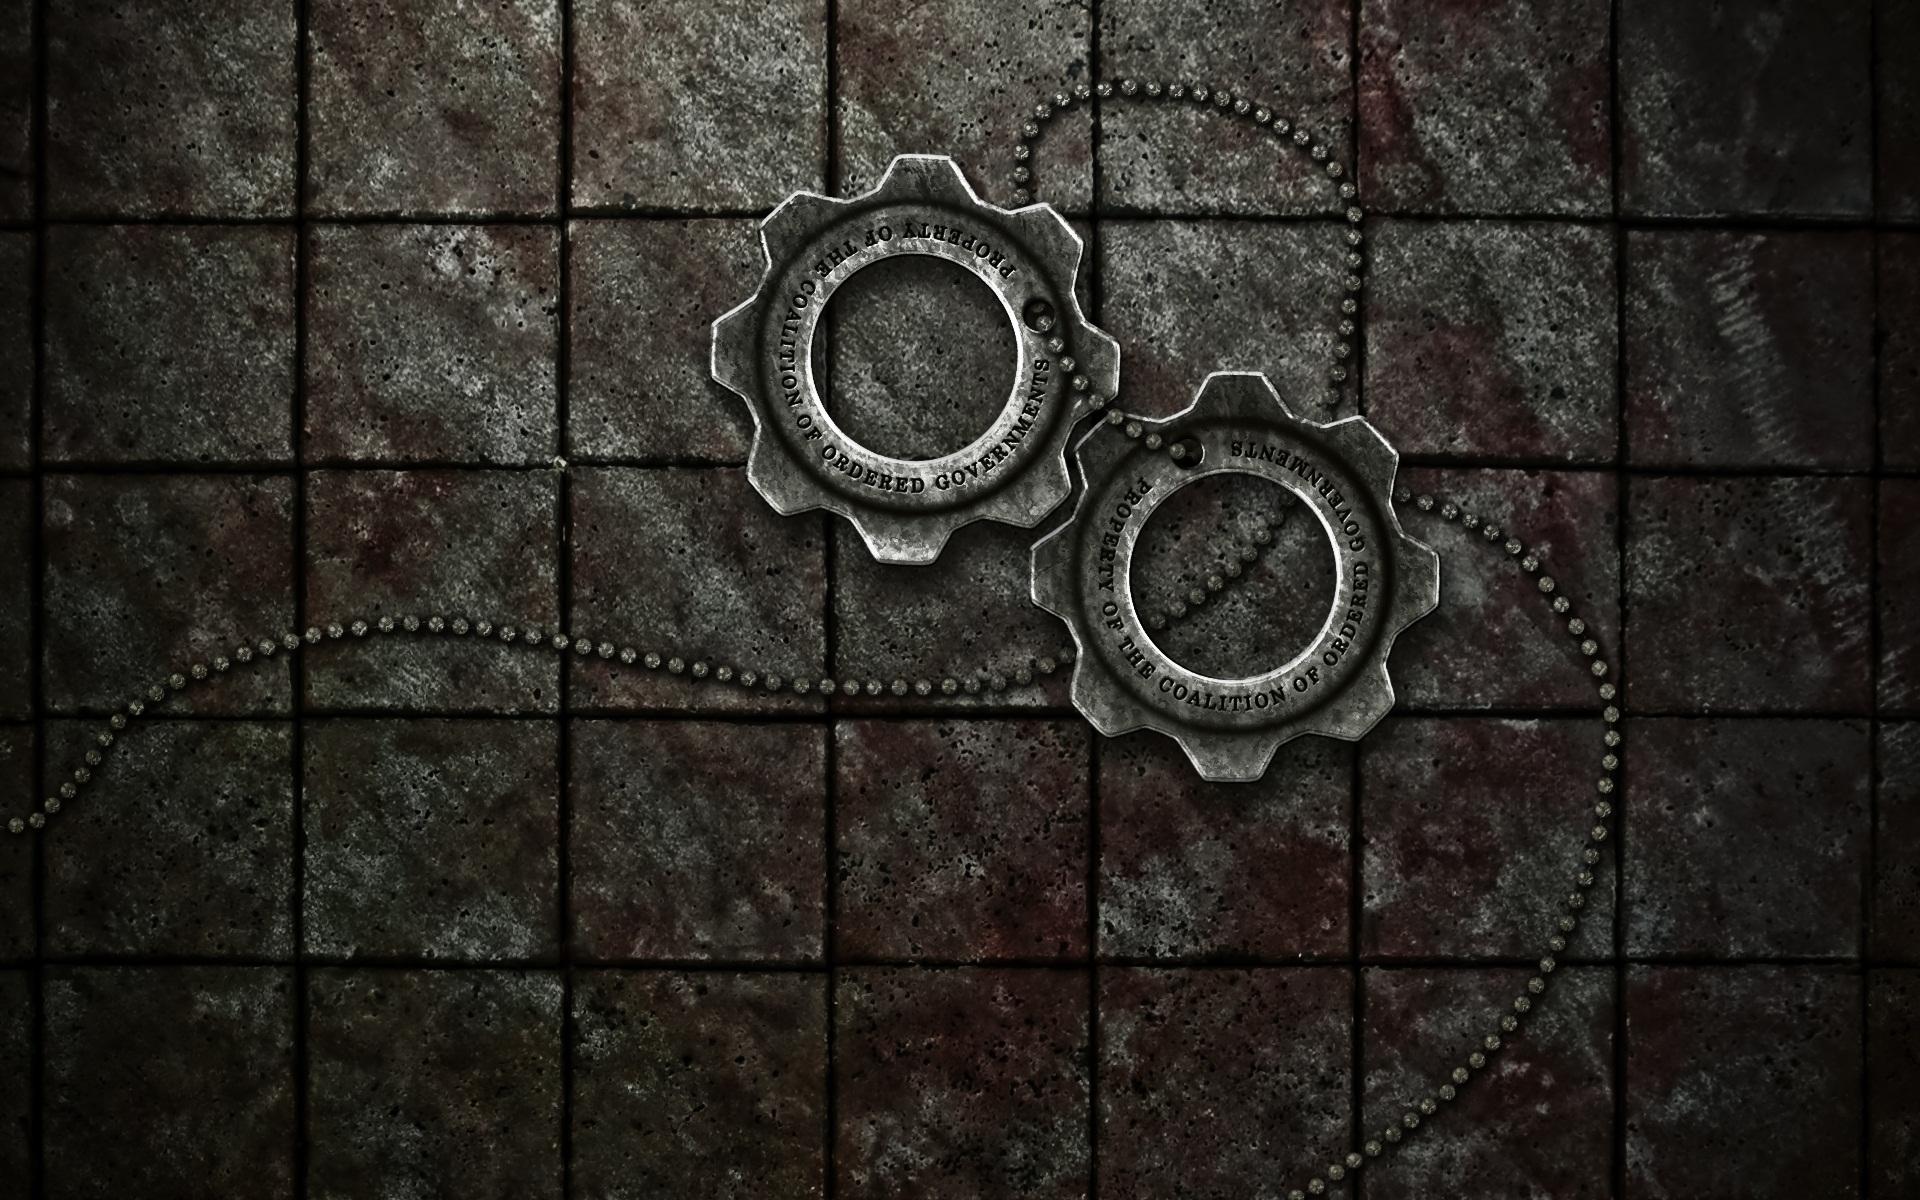 Gears of War Wallpapers